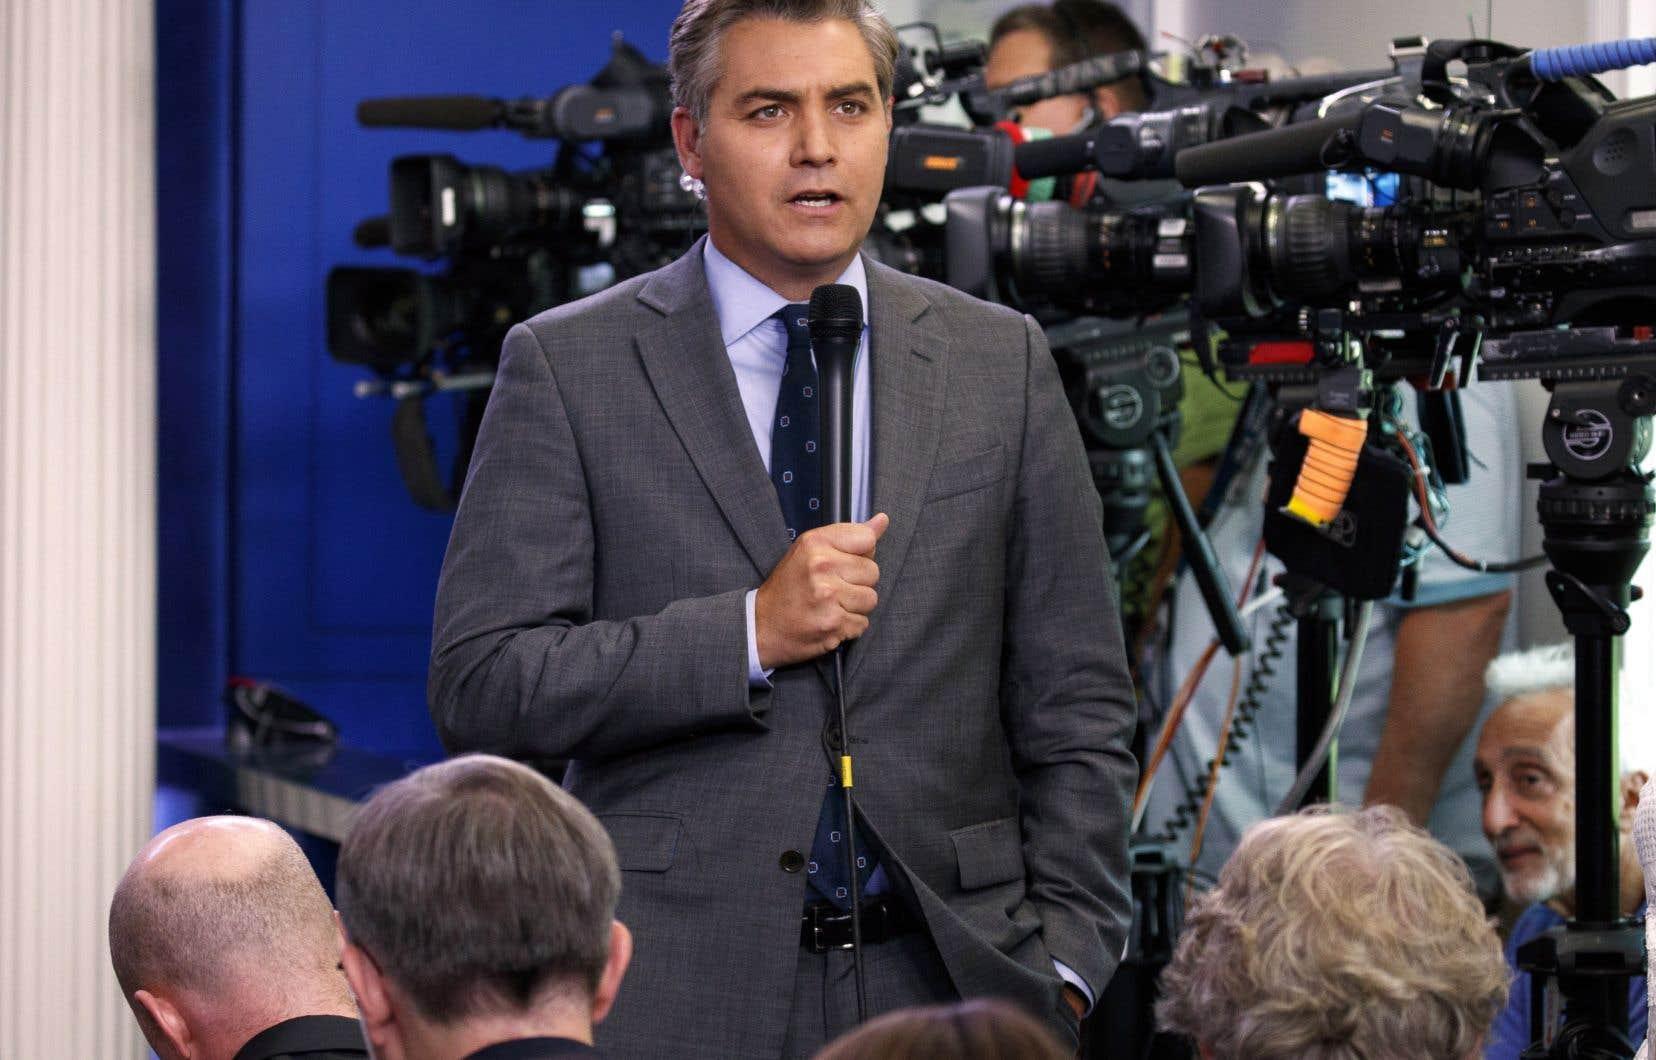 <p>Jim Acosta, engagé dans un échange houleux avec le président républicain, qui ne voulait plus lui répondre, a refusé de rendre le micro à une jeune femme de l'équipe de la Maison-Blanche.</p>